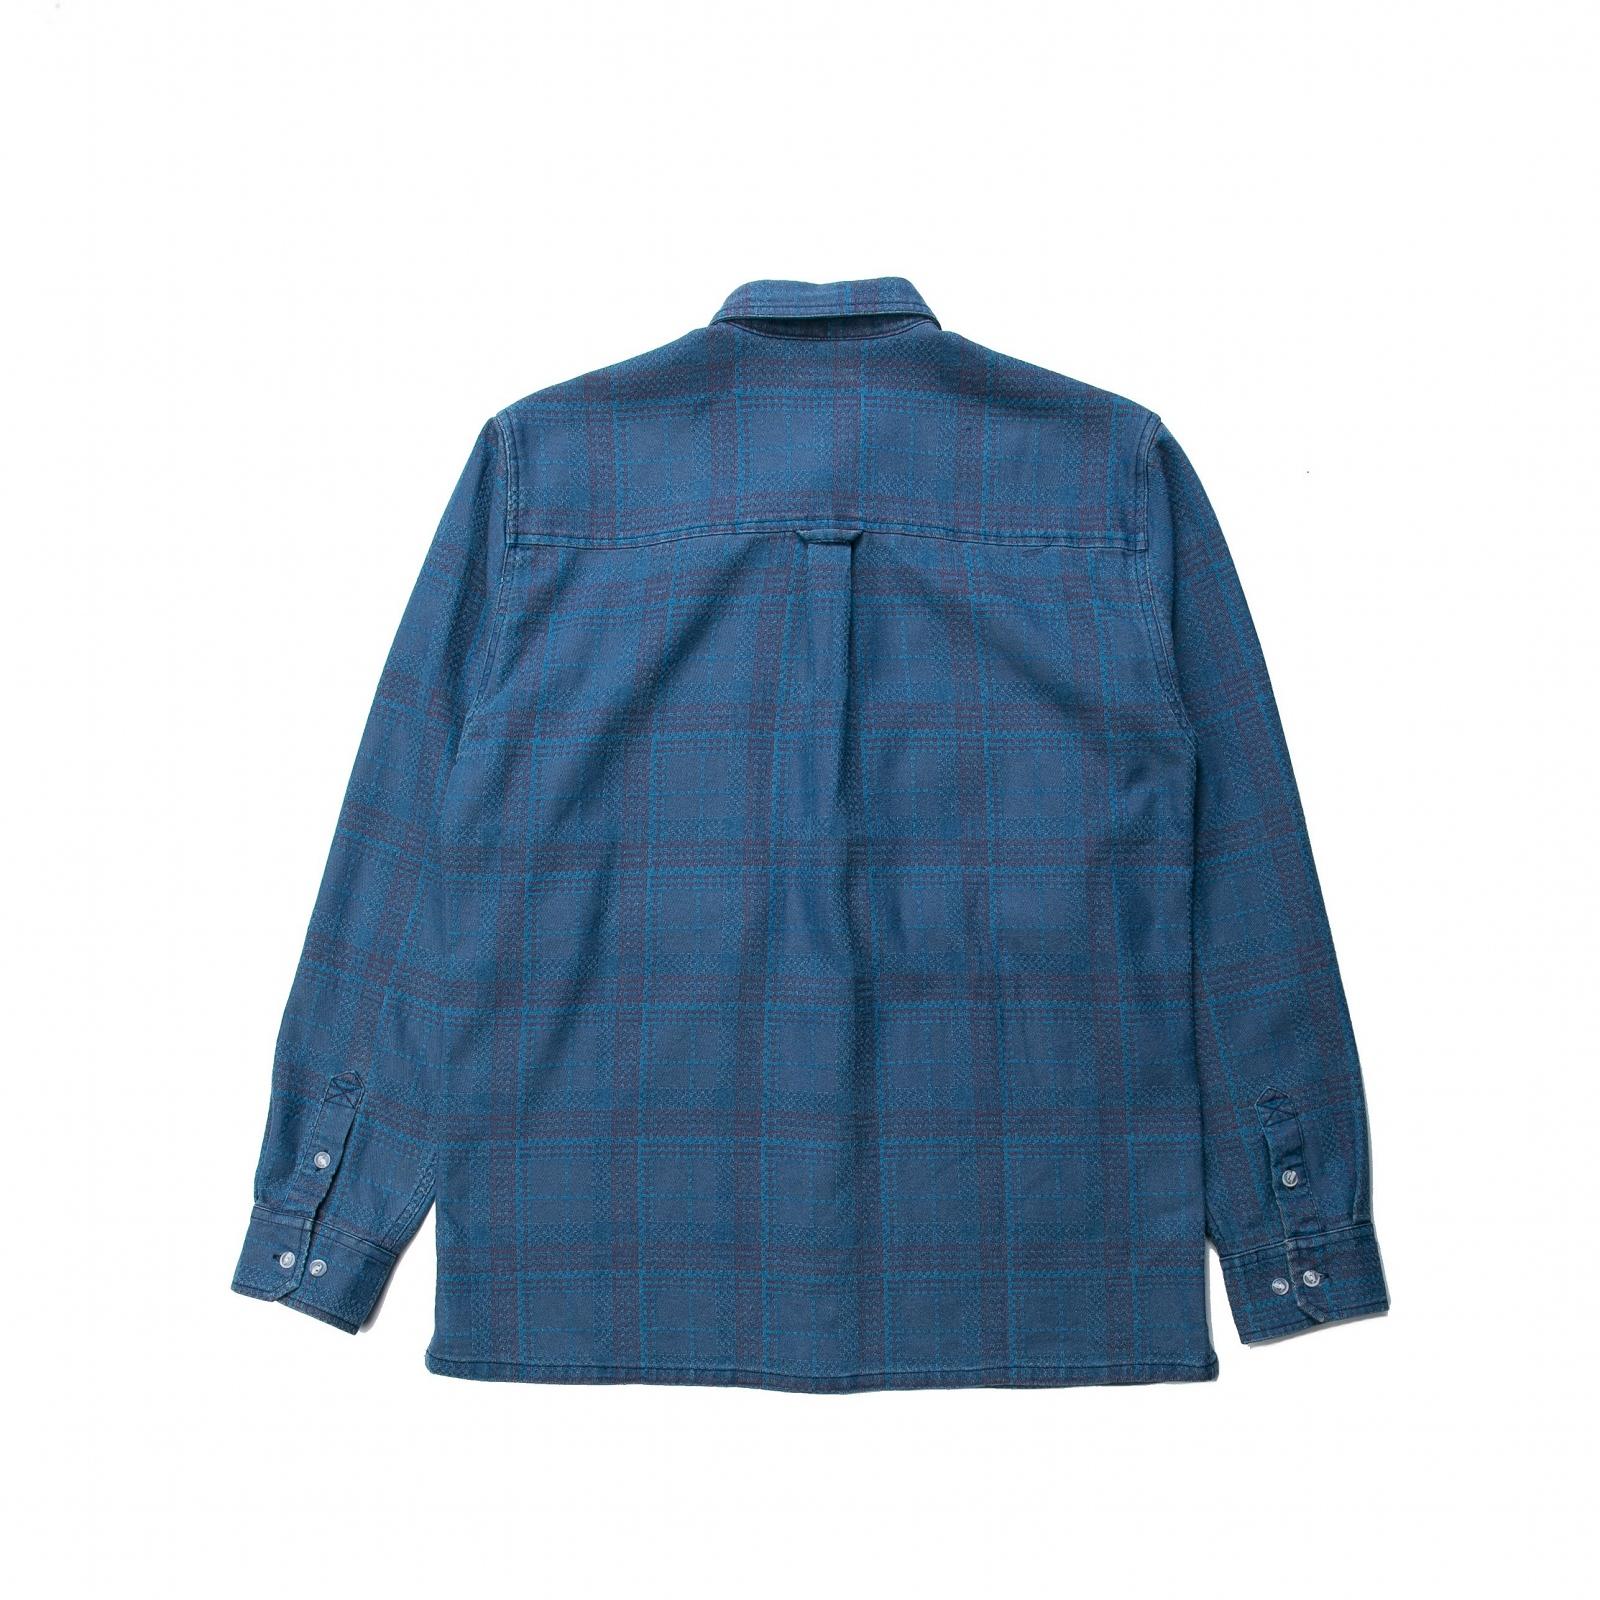 【PUBLISH BRAND/パブリッシュブランド】INDO 長袖シャツ / BLUE